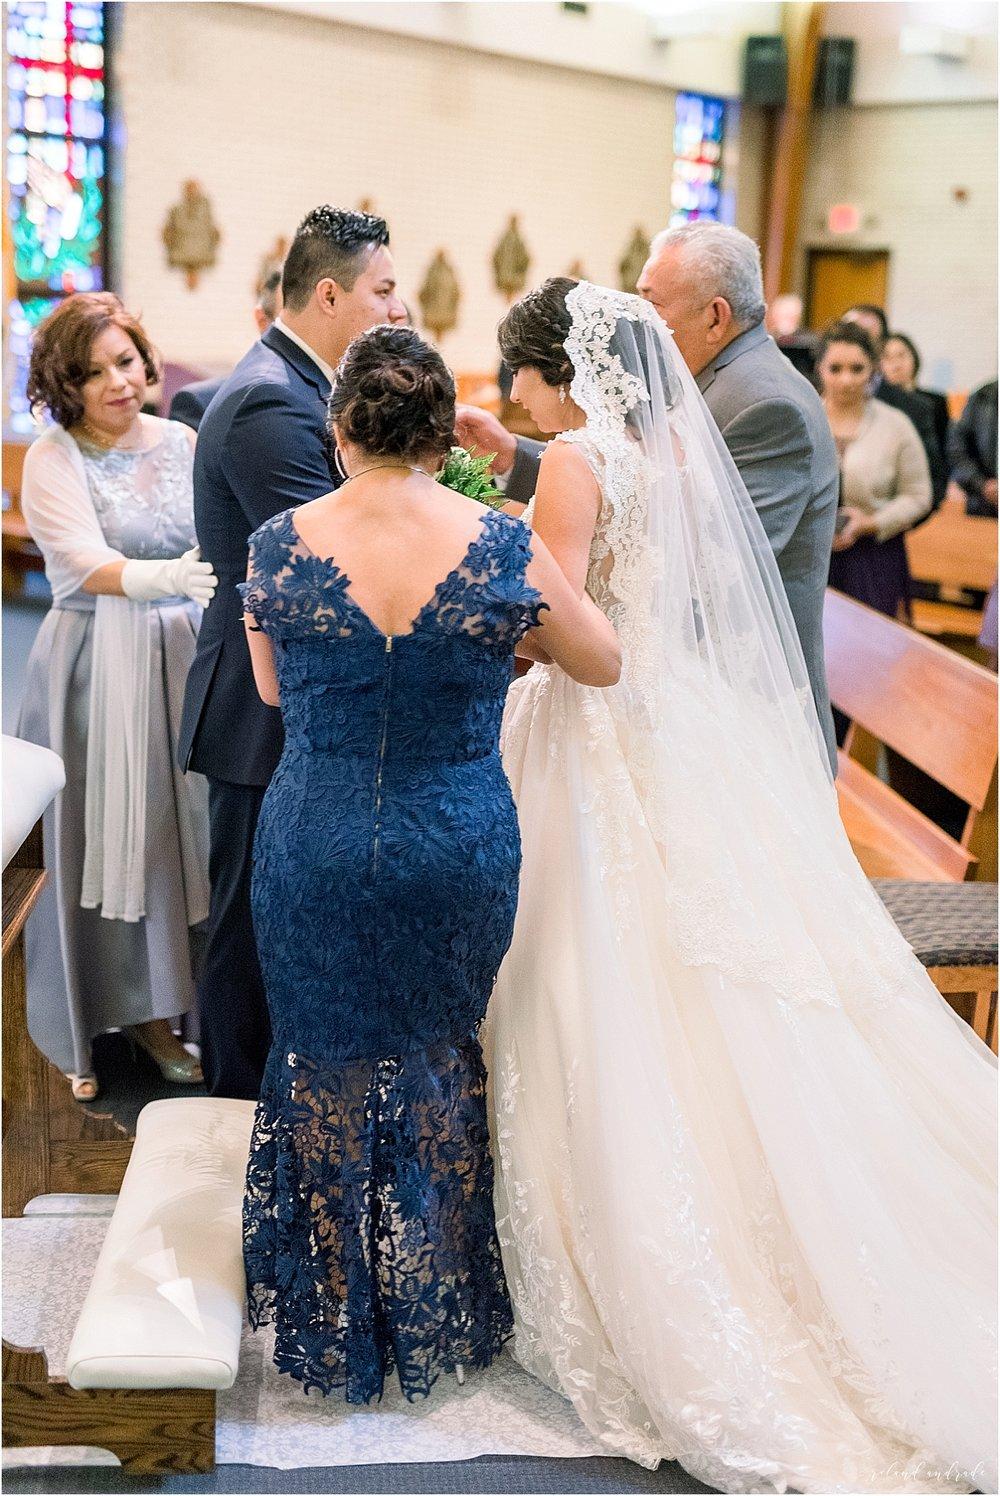 Alpine Banquets Wedding, Chicago Wedding Photographer, Naperville Wedding Photographer, Best Photographer In Aurora, Best Photographer In Chicago_0029.jpg